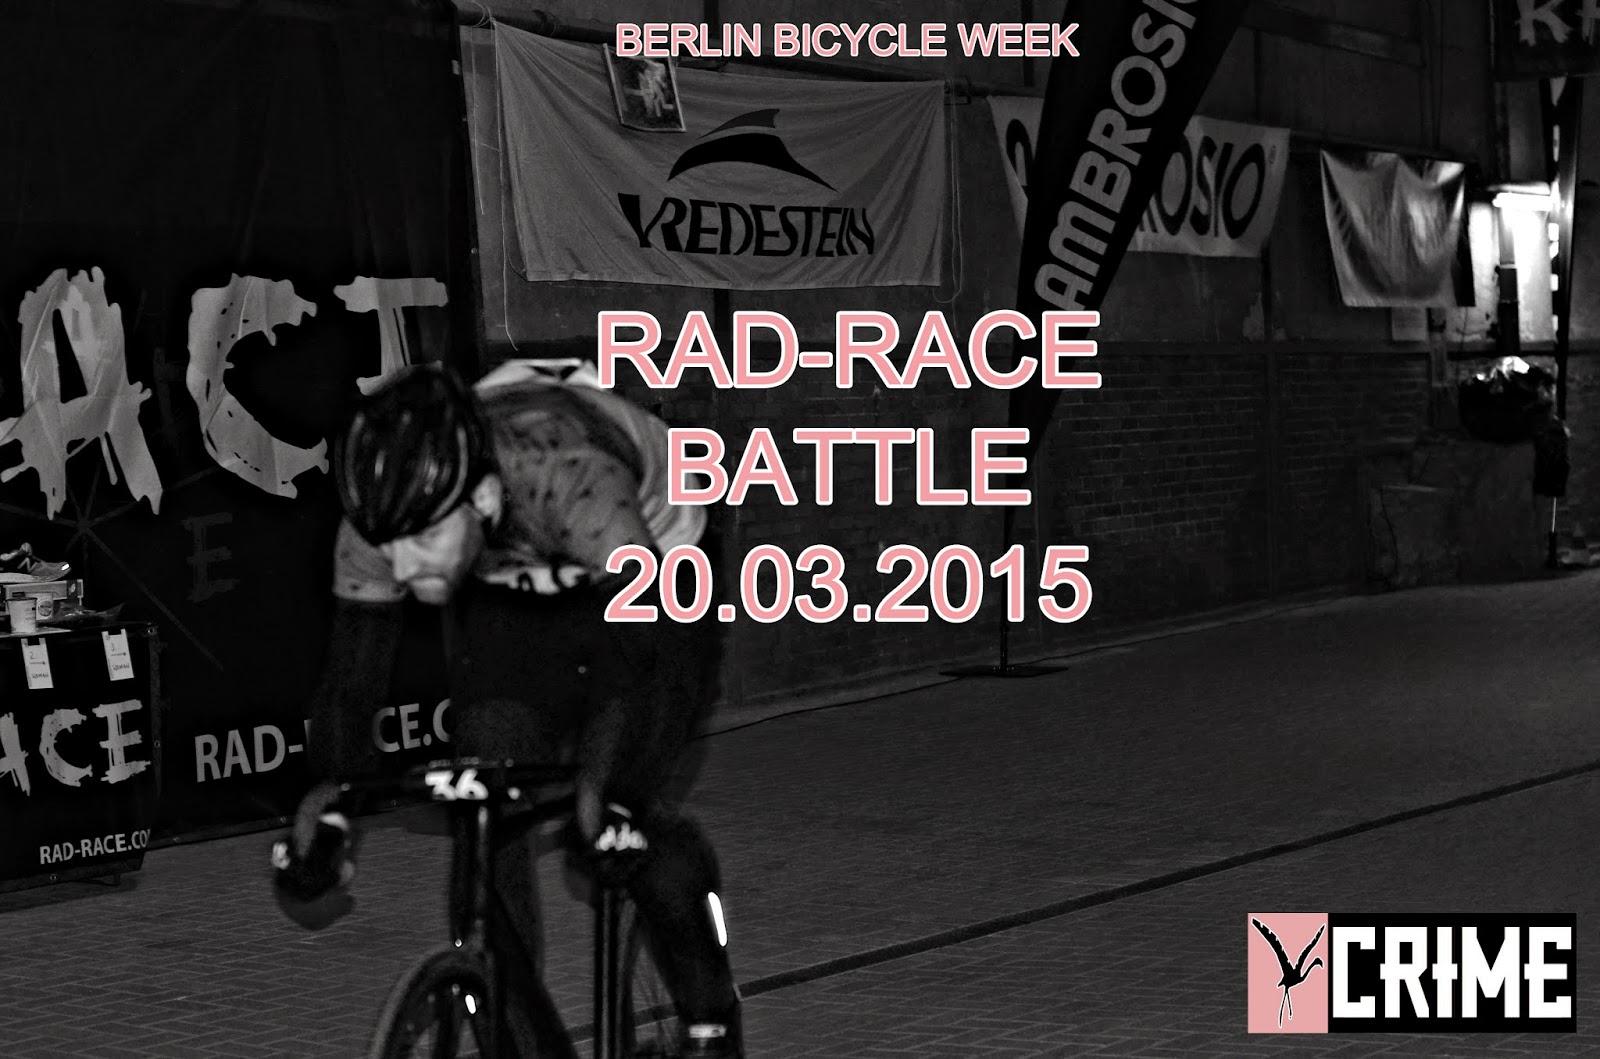 http://fmgx.blogspot.de/2015/04/berlin-bicycle-week-rad-race-battle.html